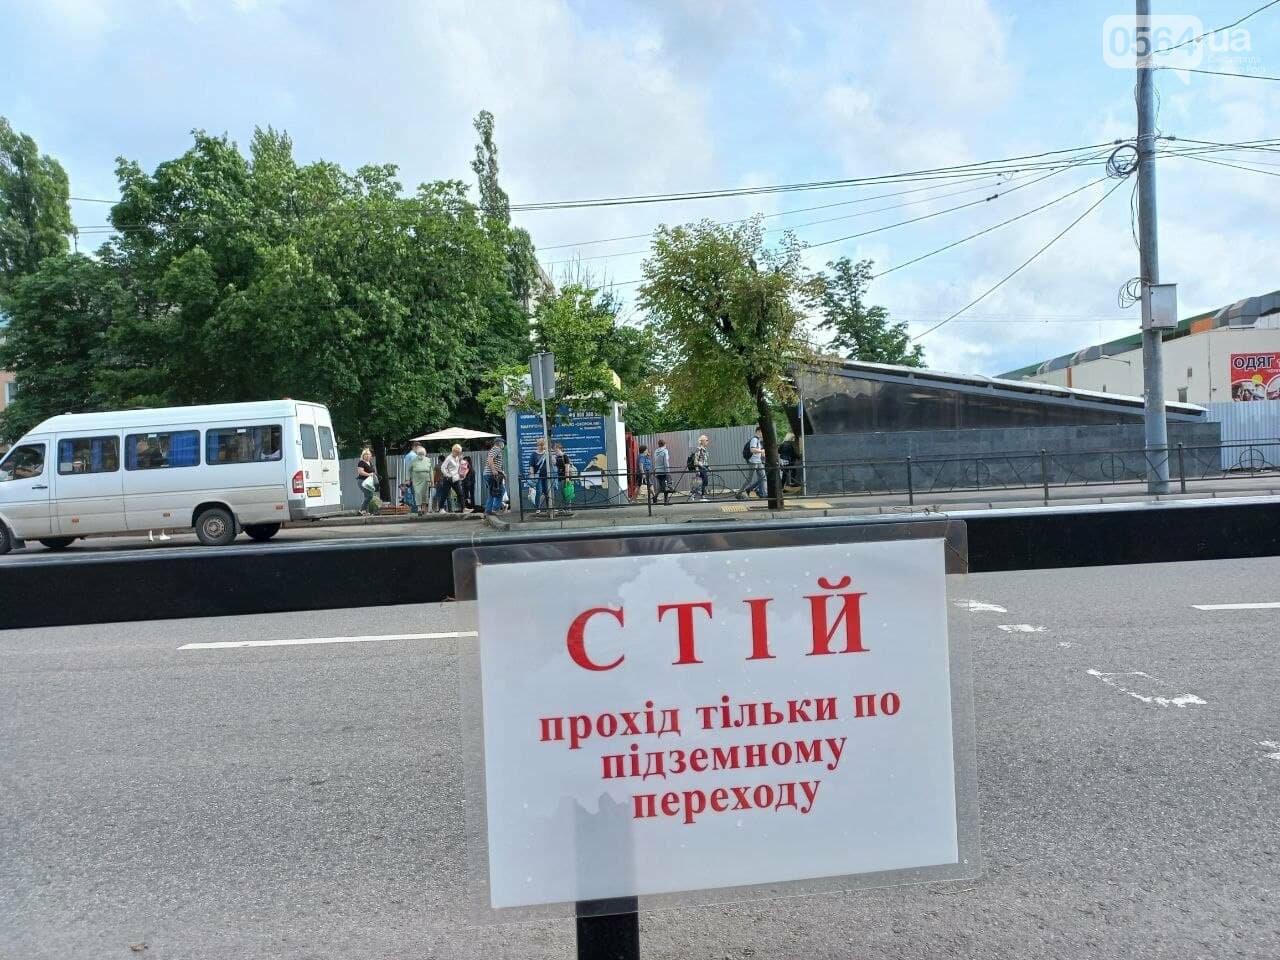 Возле Центрального рынка в Кривом Роге закрыли наземный переход и открыли подземный, - ФОТО, фото-1